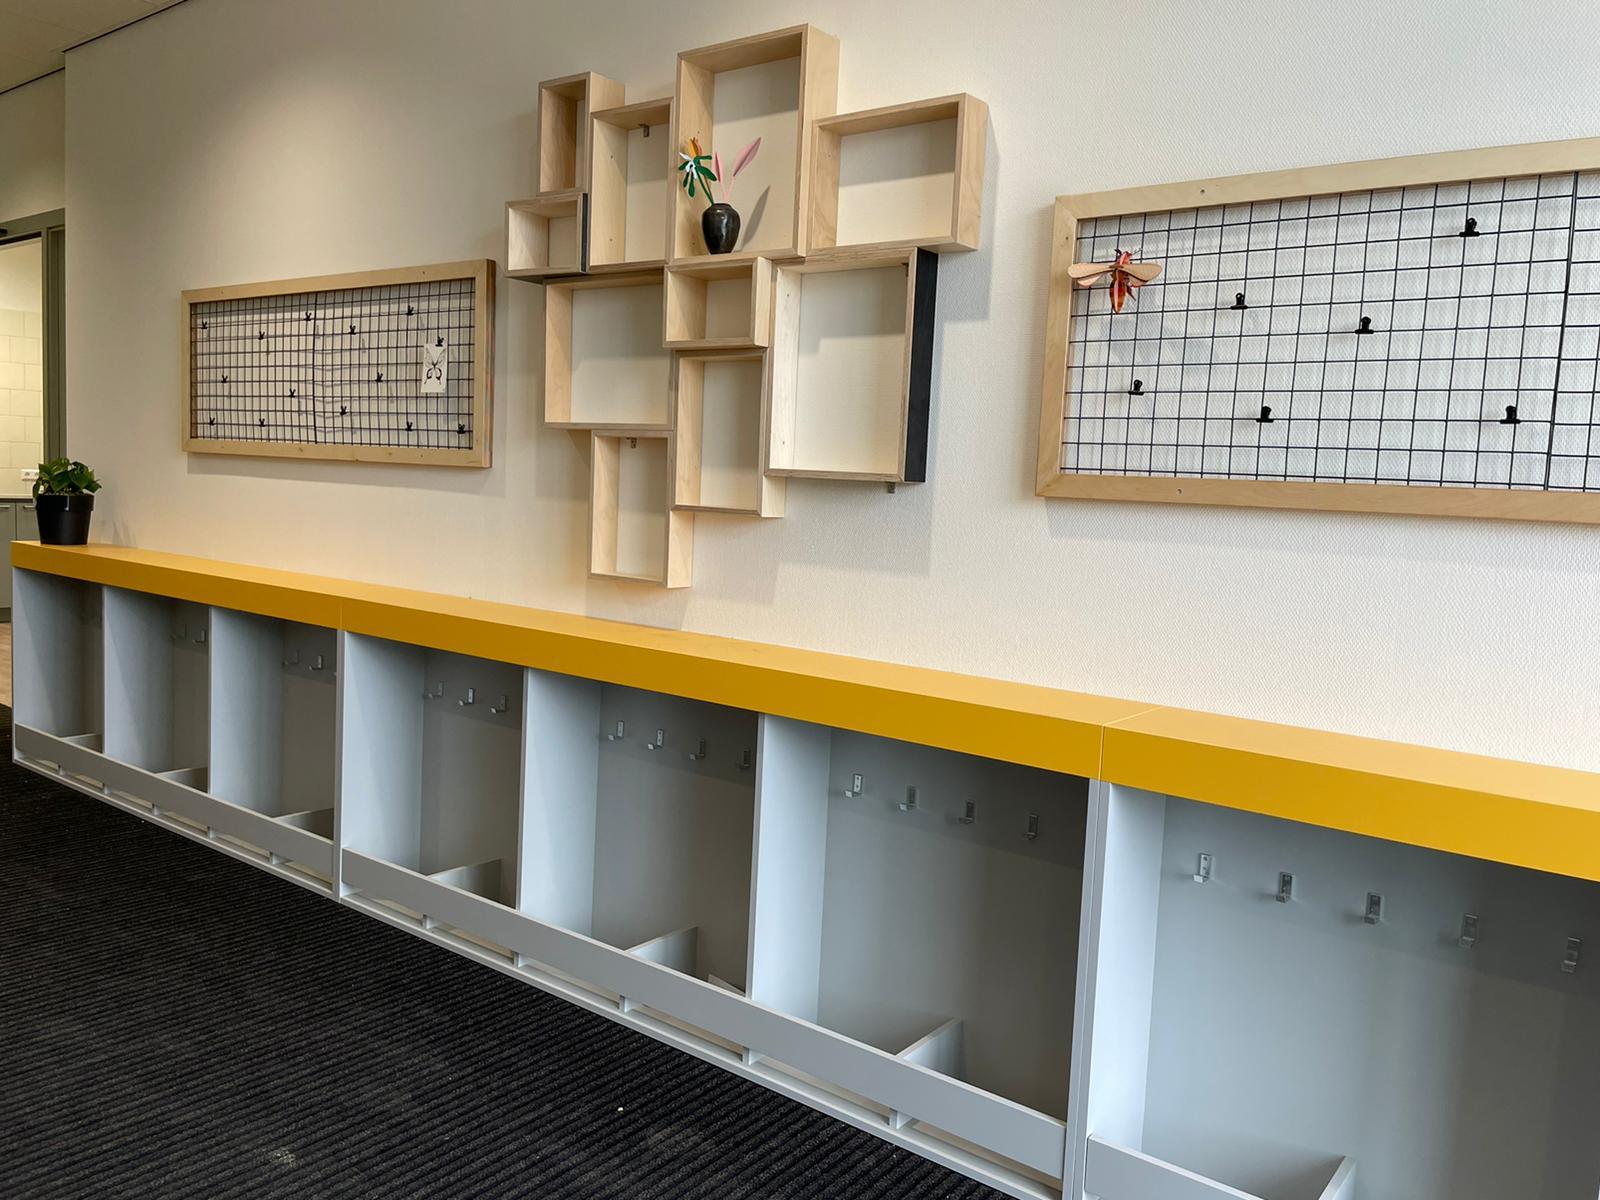 Interieur kindcentrum De Plantage